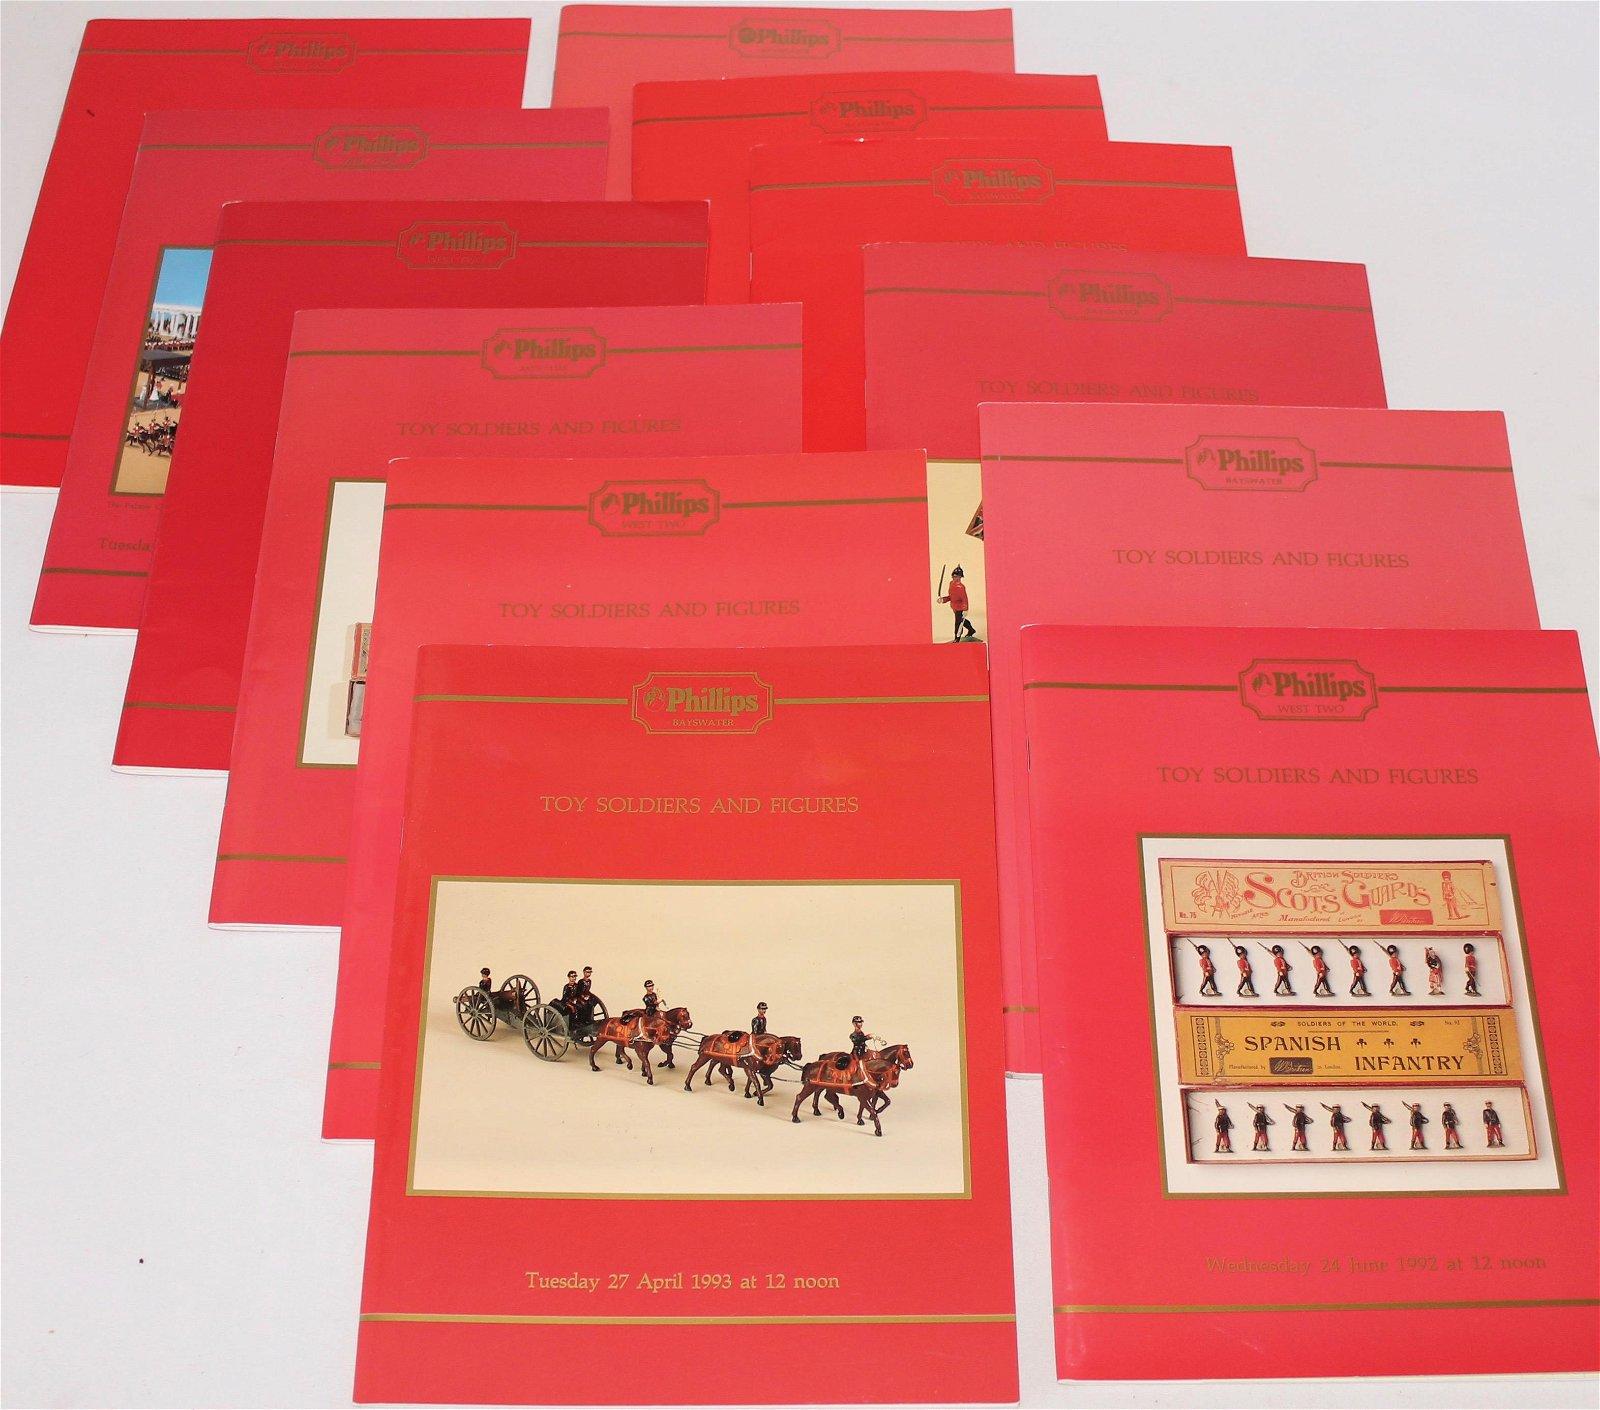 Lot of Phillips London Auction Catalogs